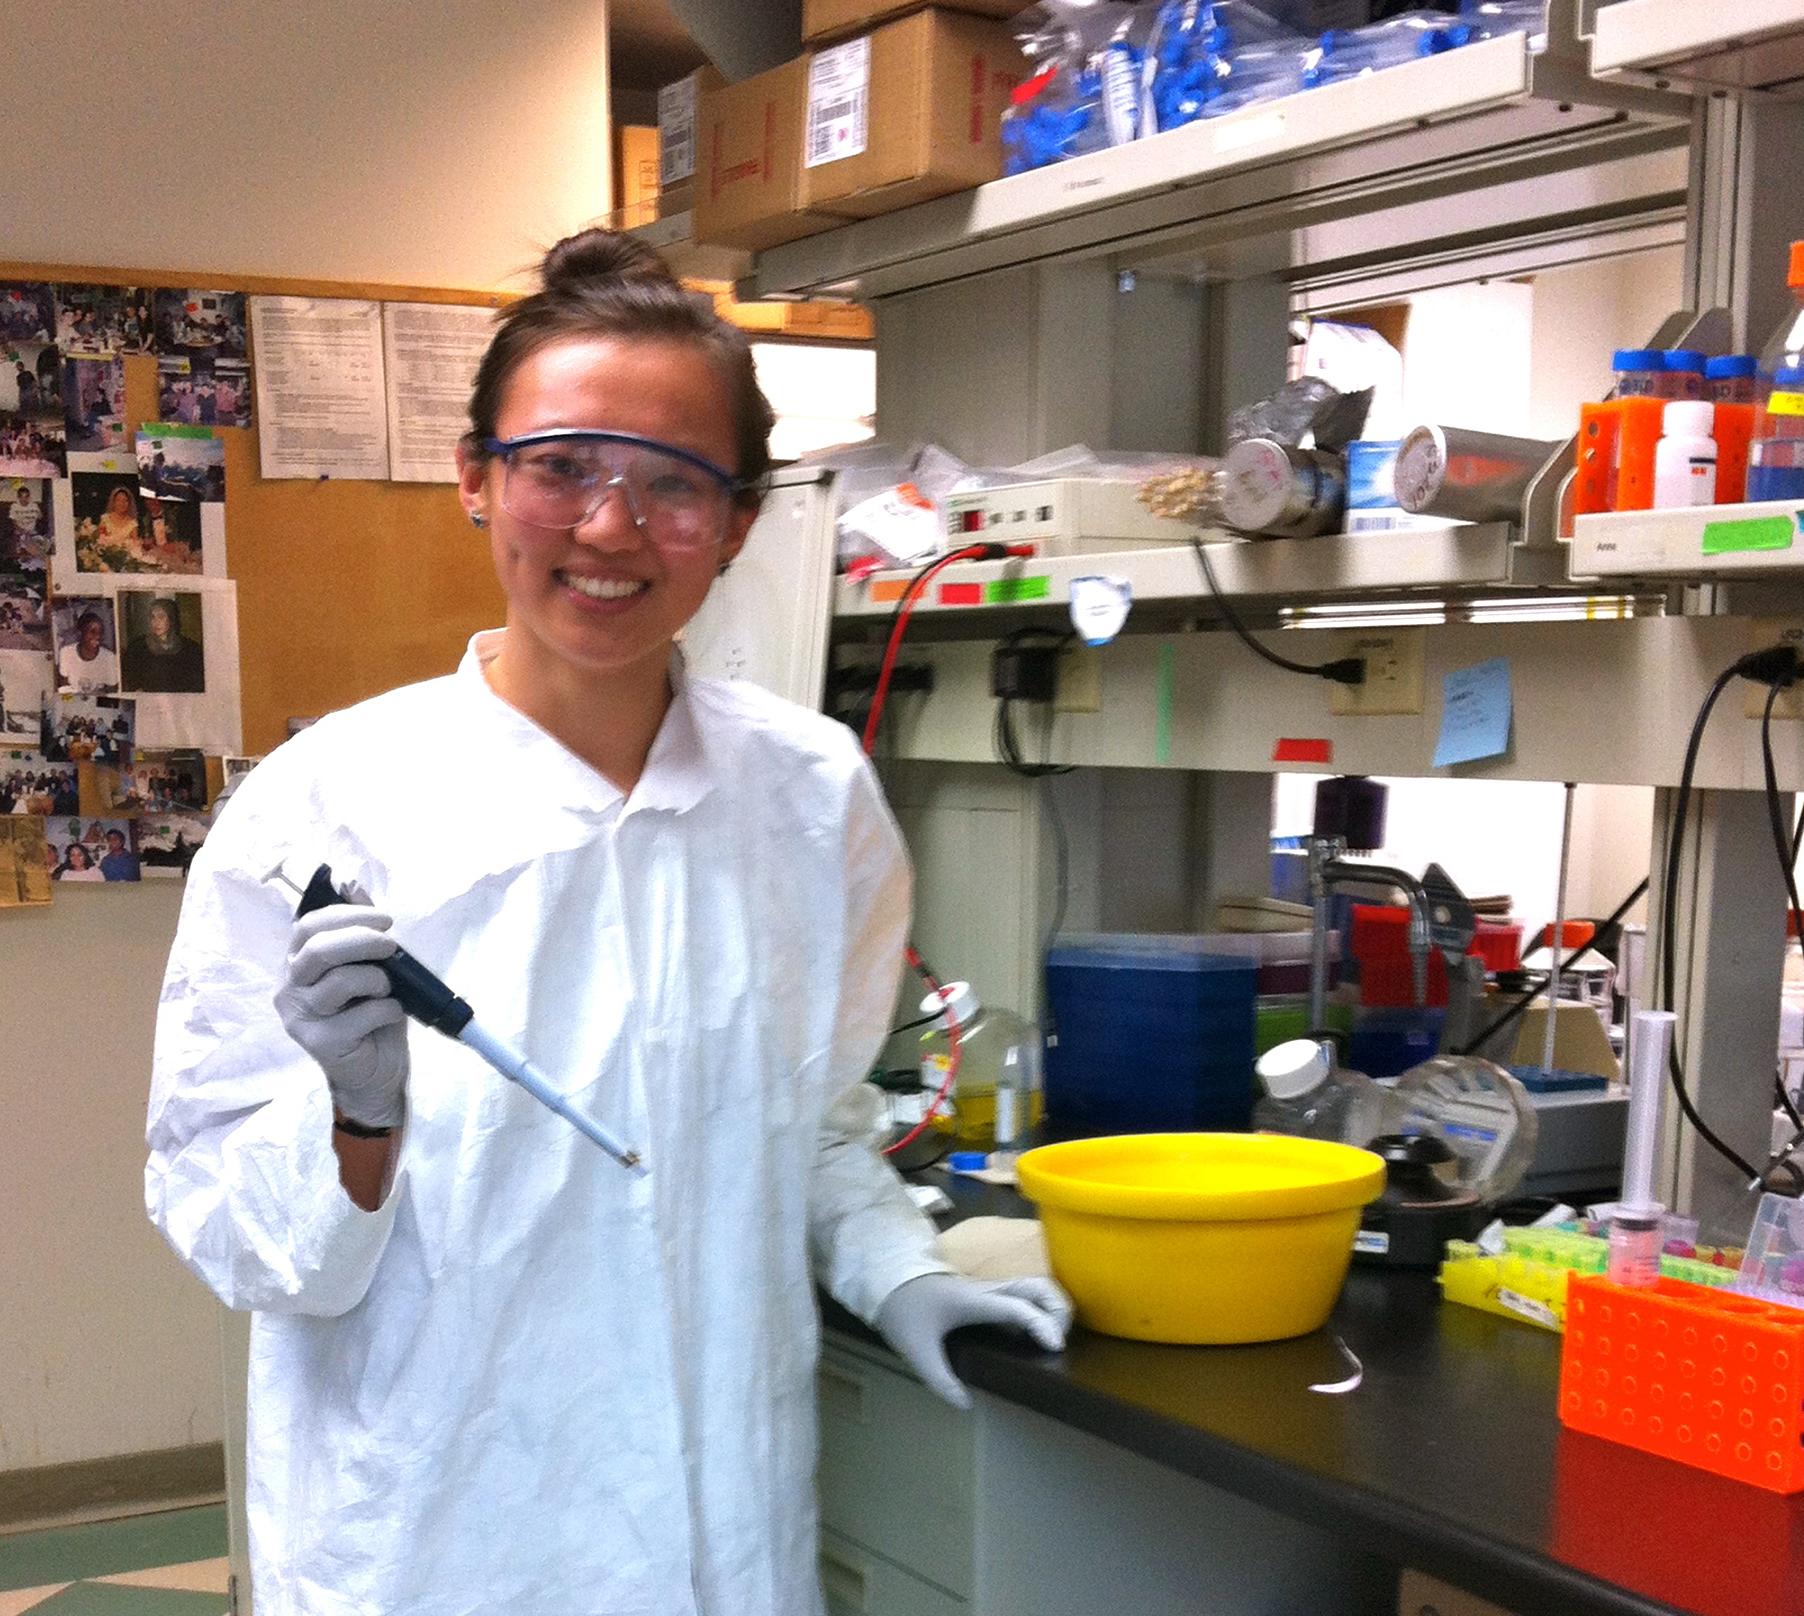 Binjie Wang pipetting in lab